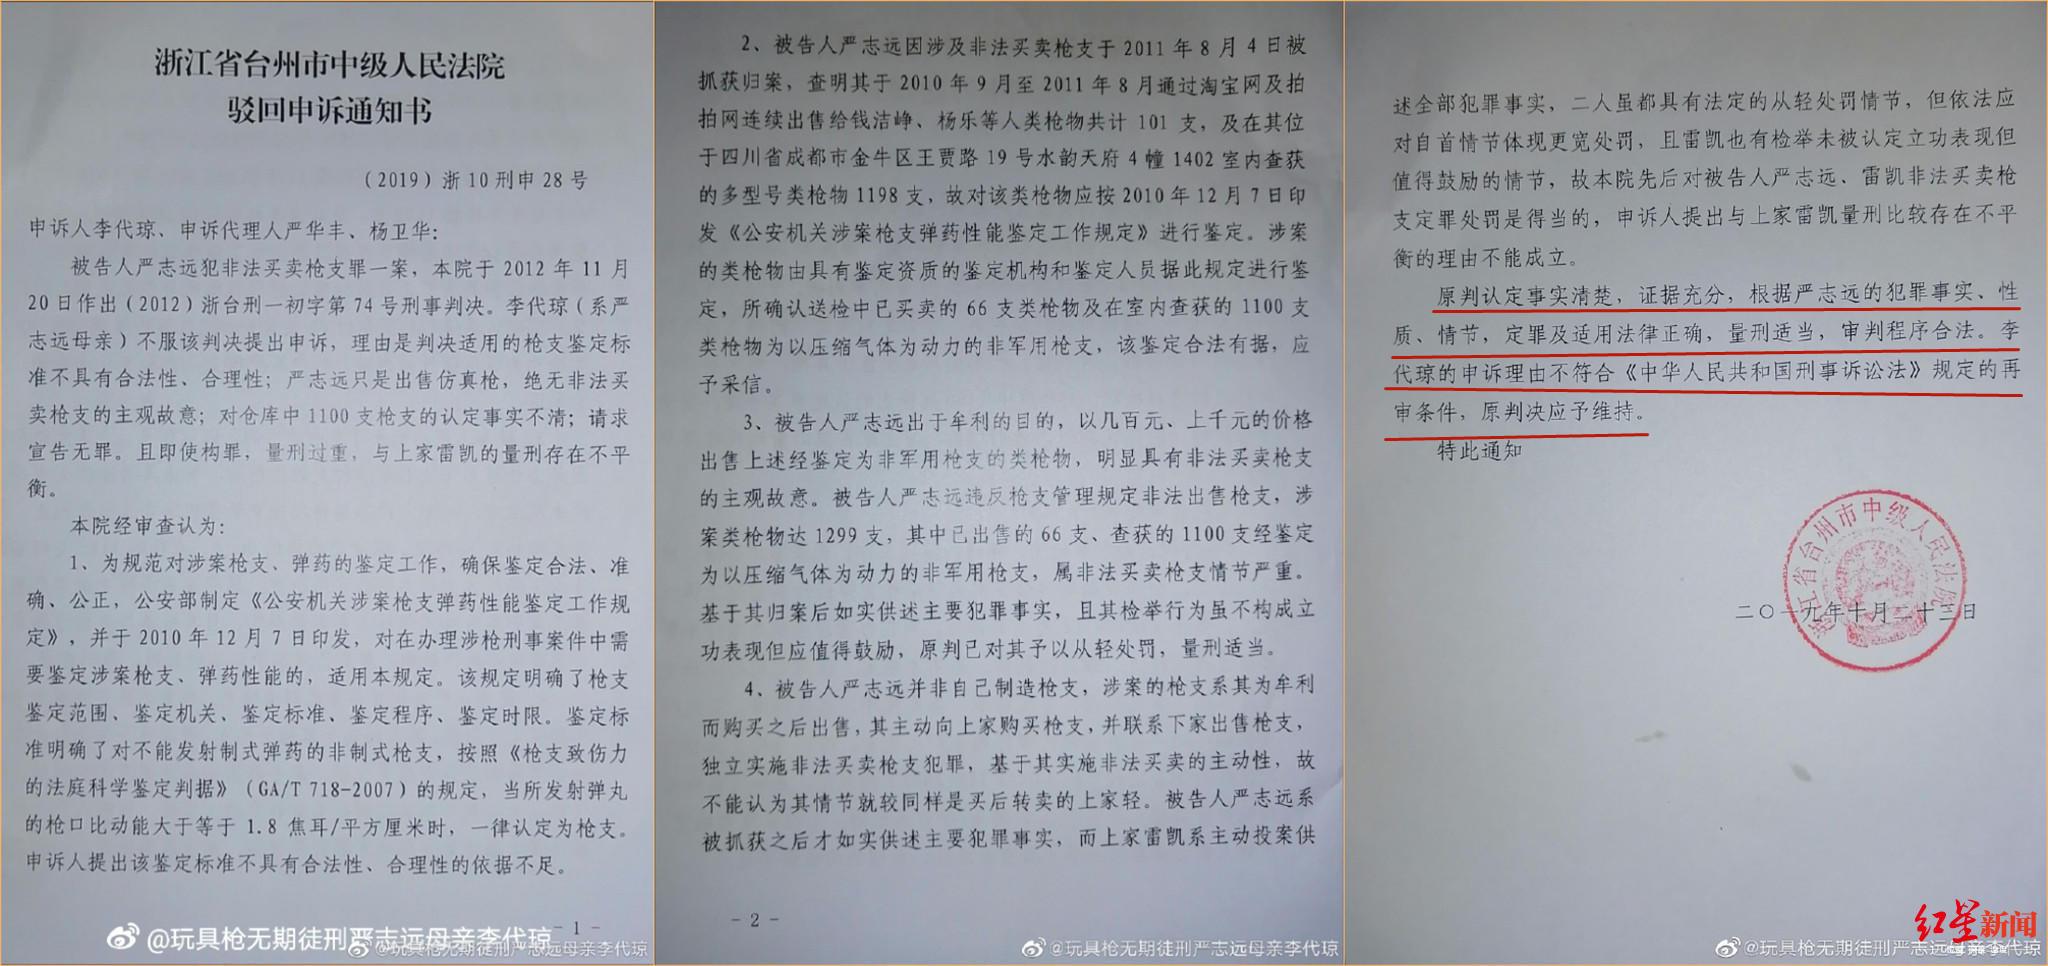 浙江省台州市【中】院驳回申诉【的】通知书